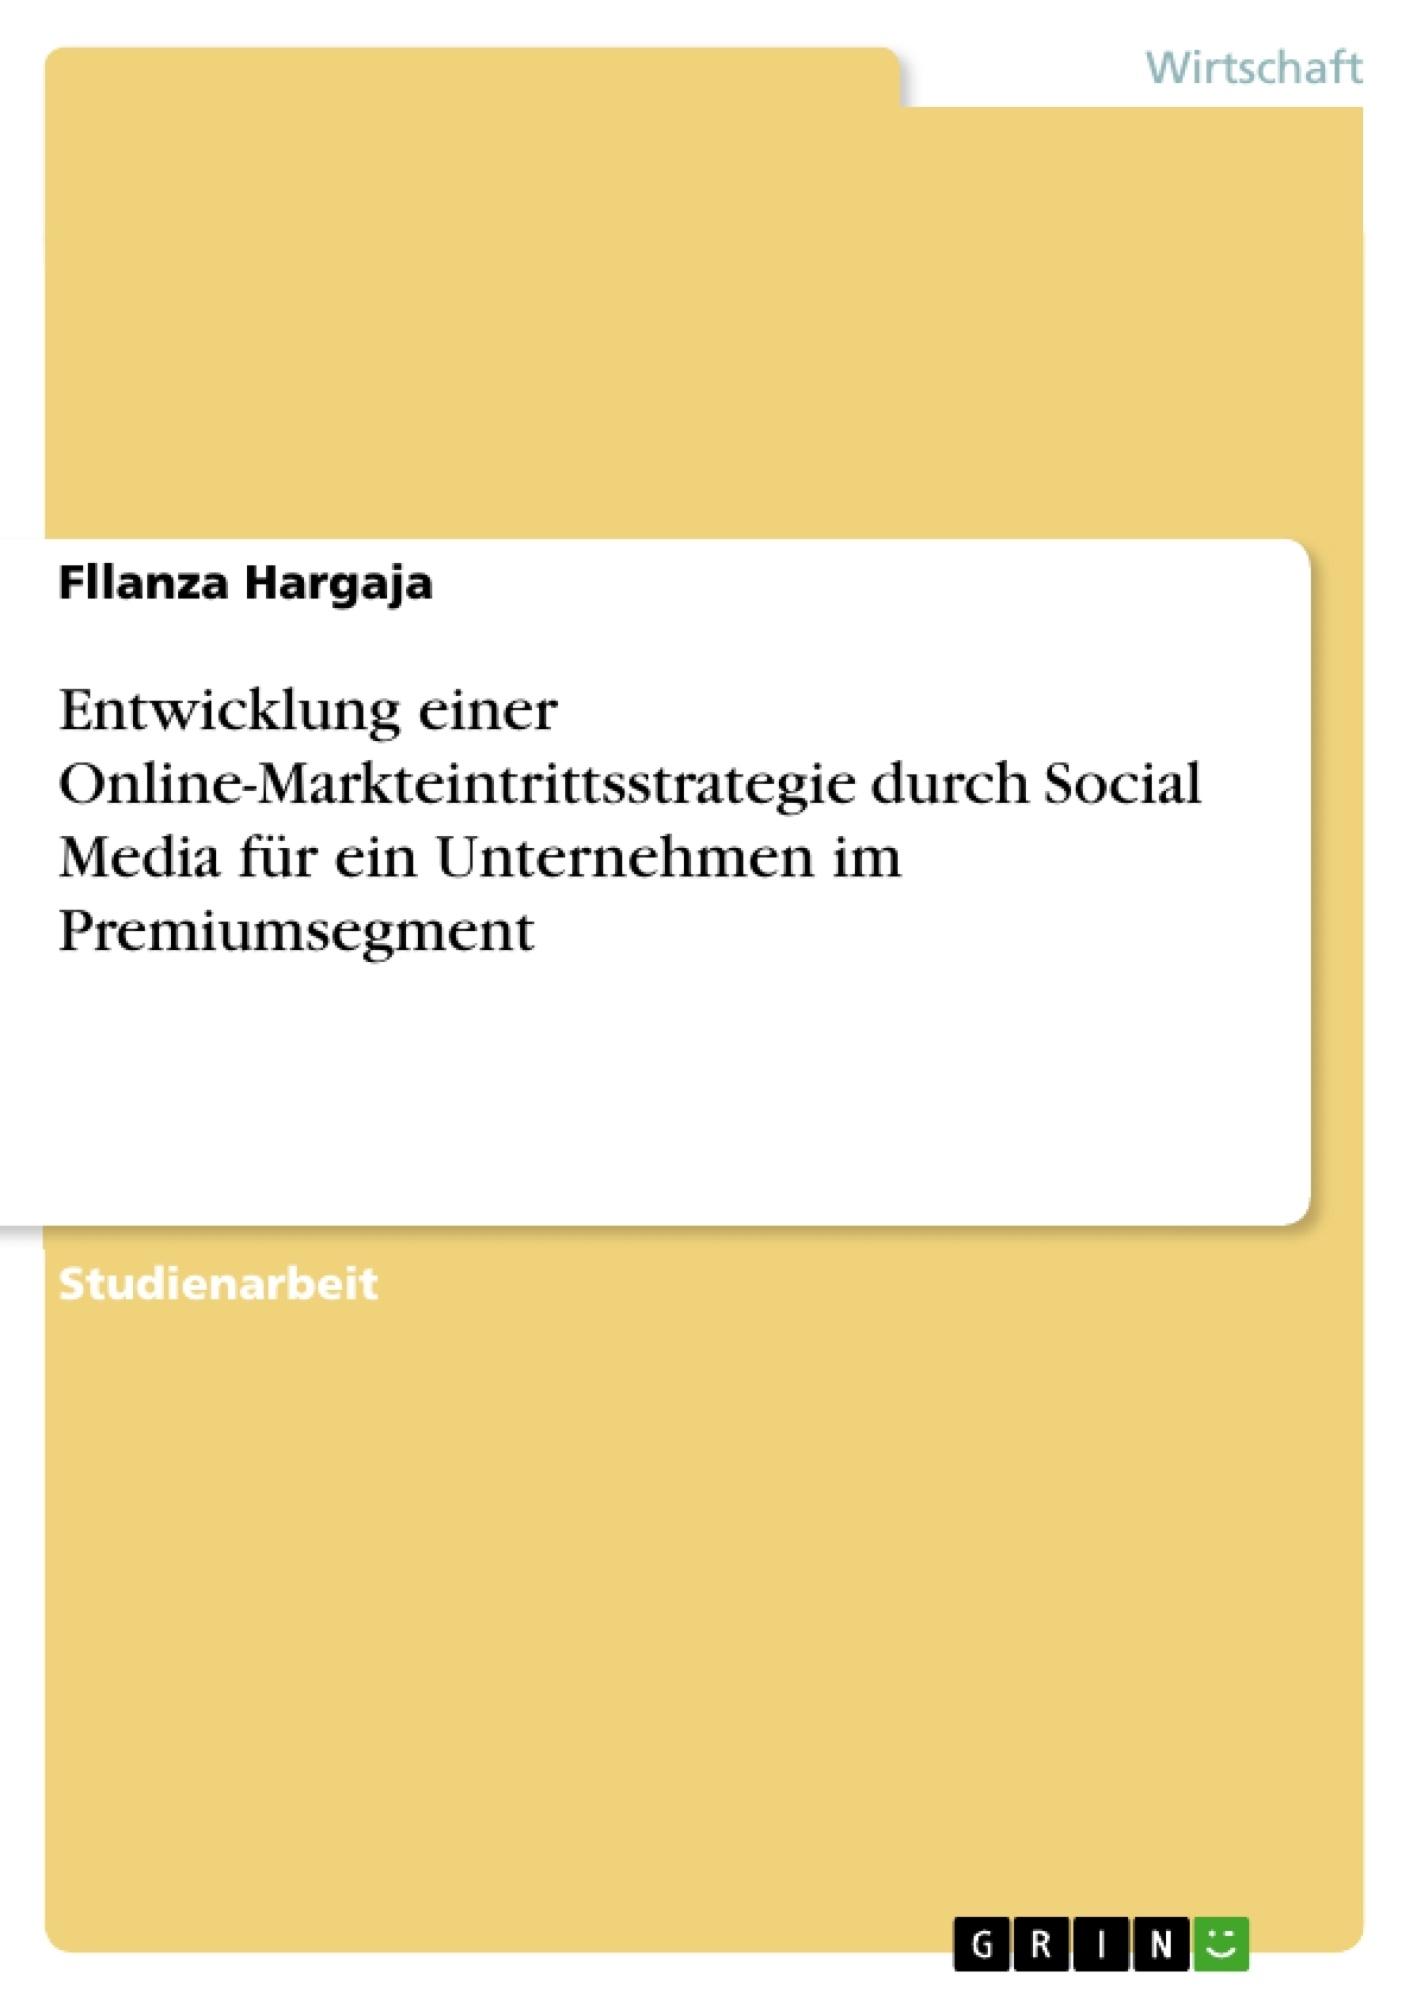 Titel: Entwicklung einer Online-Markteintrittsstrategie durch Social Media für ein Unternehmen im Premiumsegment